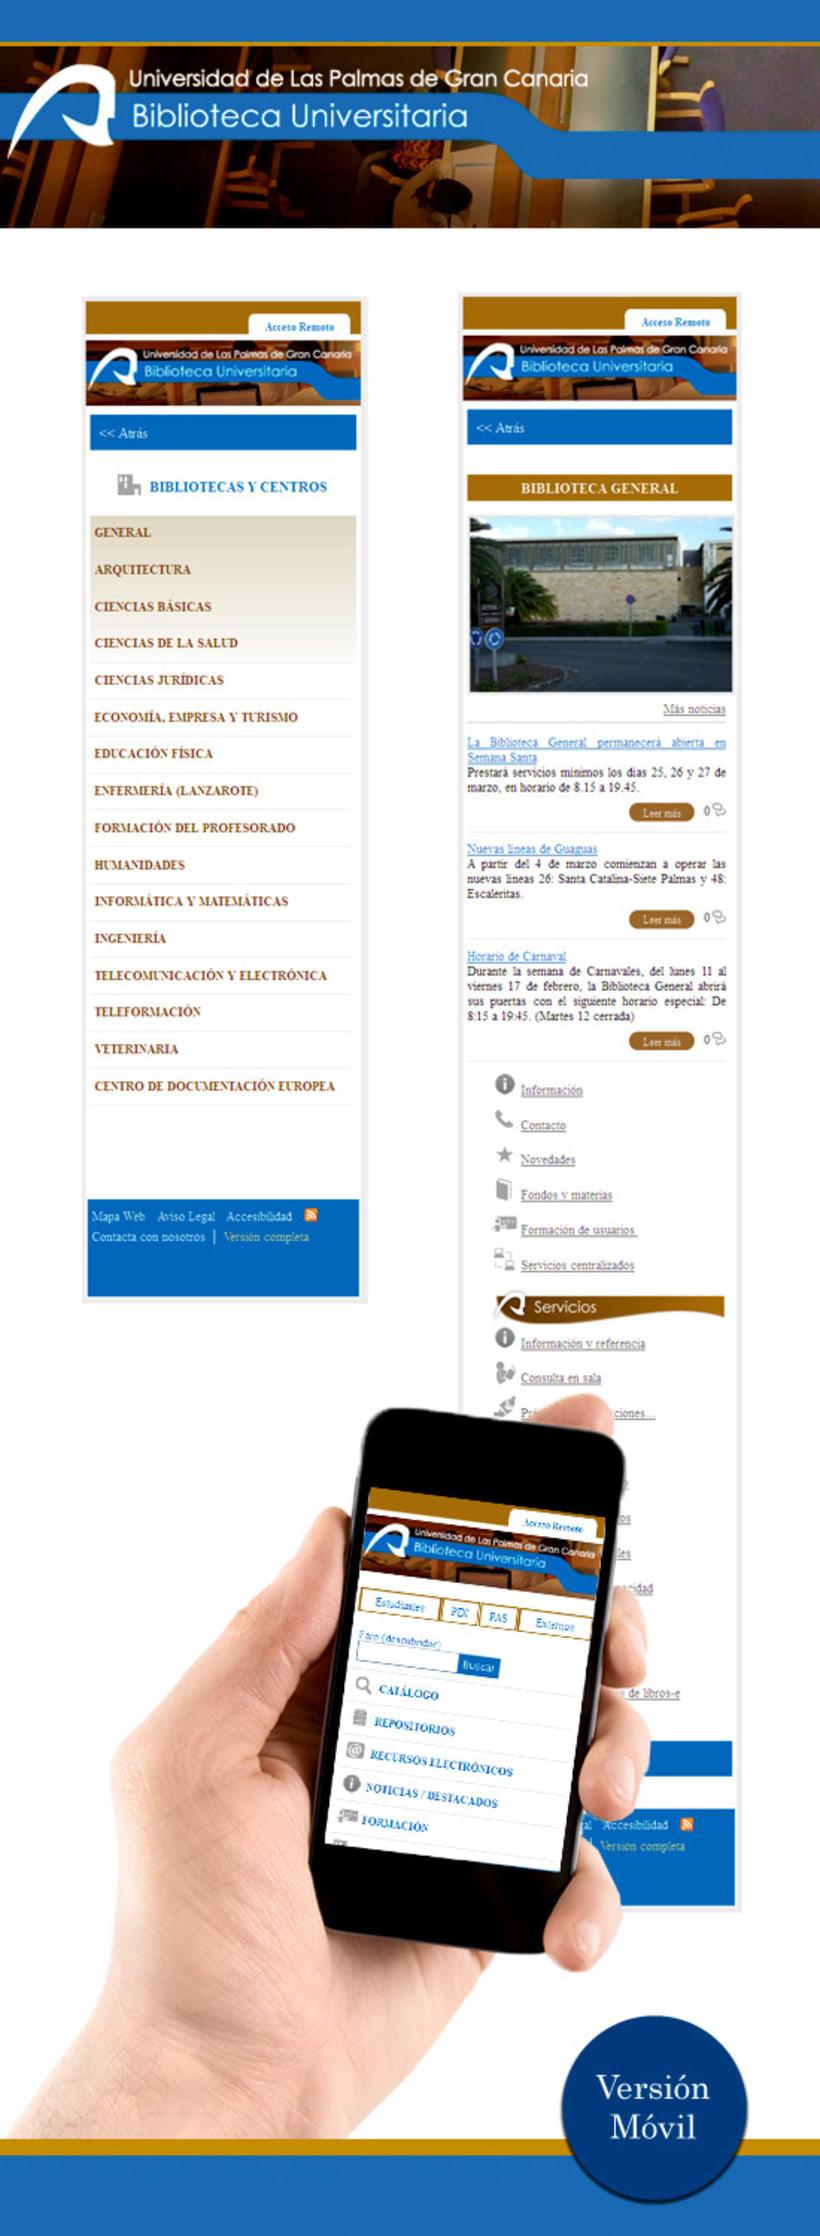 Web Biblioteca Universitaria de Las Palmas de Gran Canaria 2